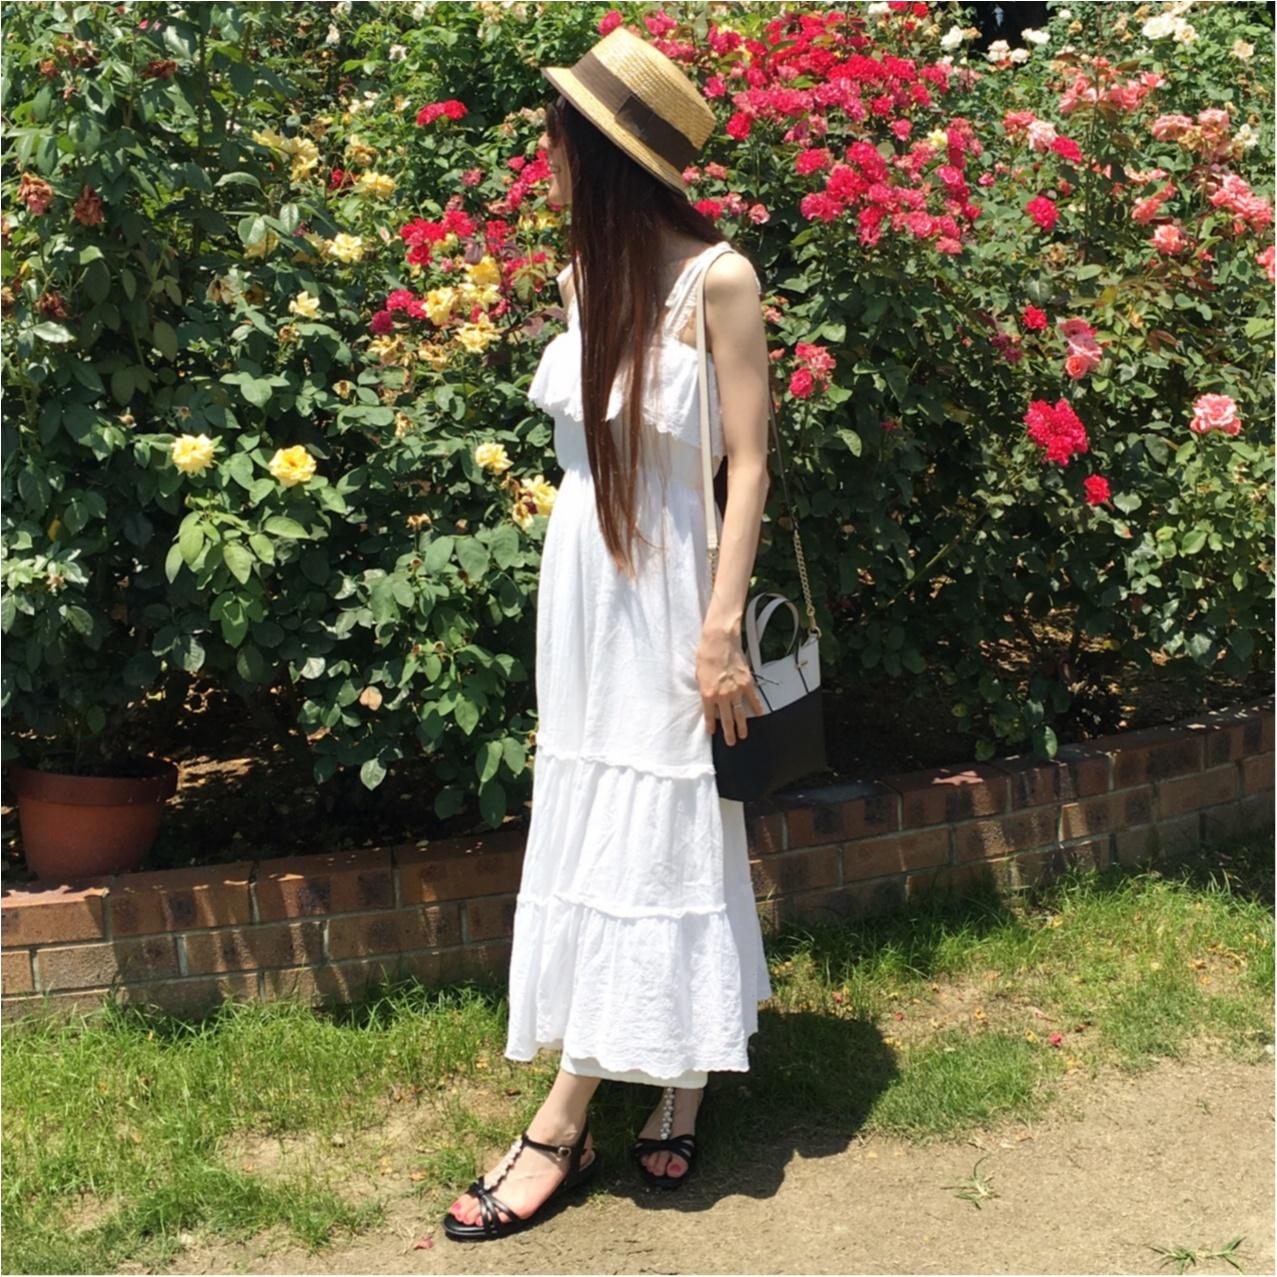 夏コーデの主役は《 ホワイト 》で決まり♡マキシワンピースで爽やかオシャレに♡_6